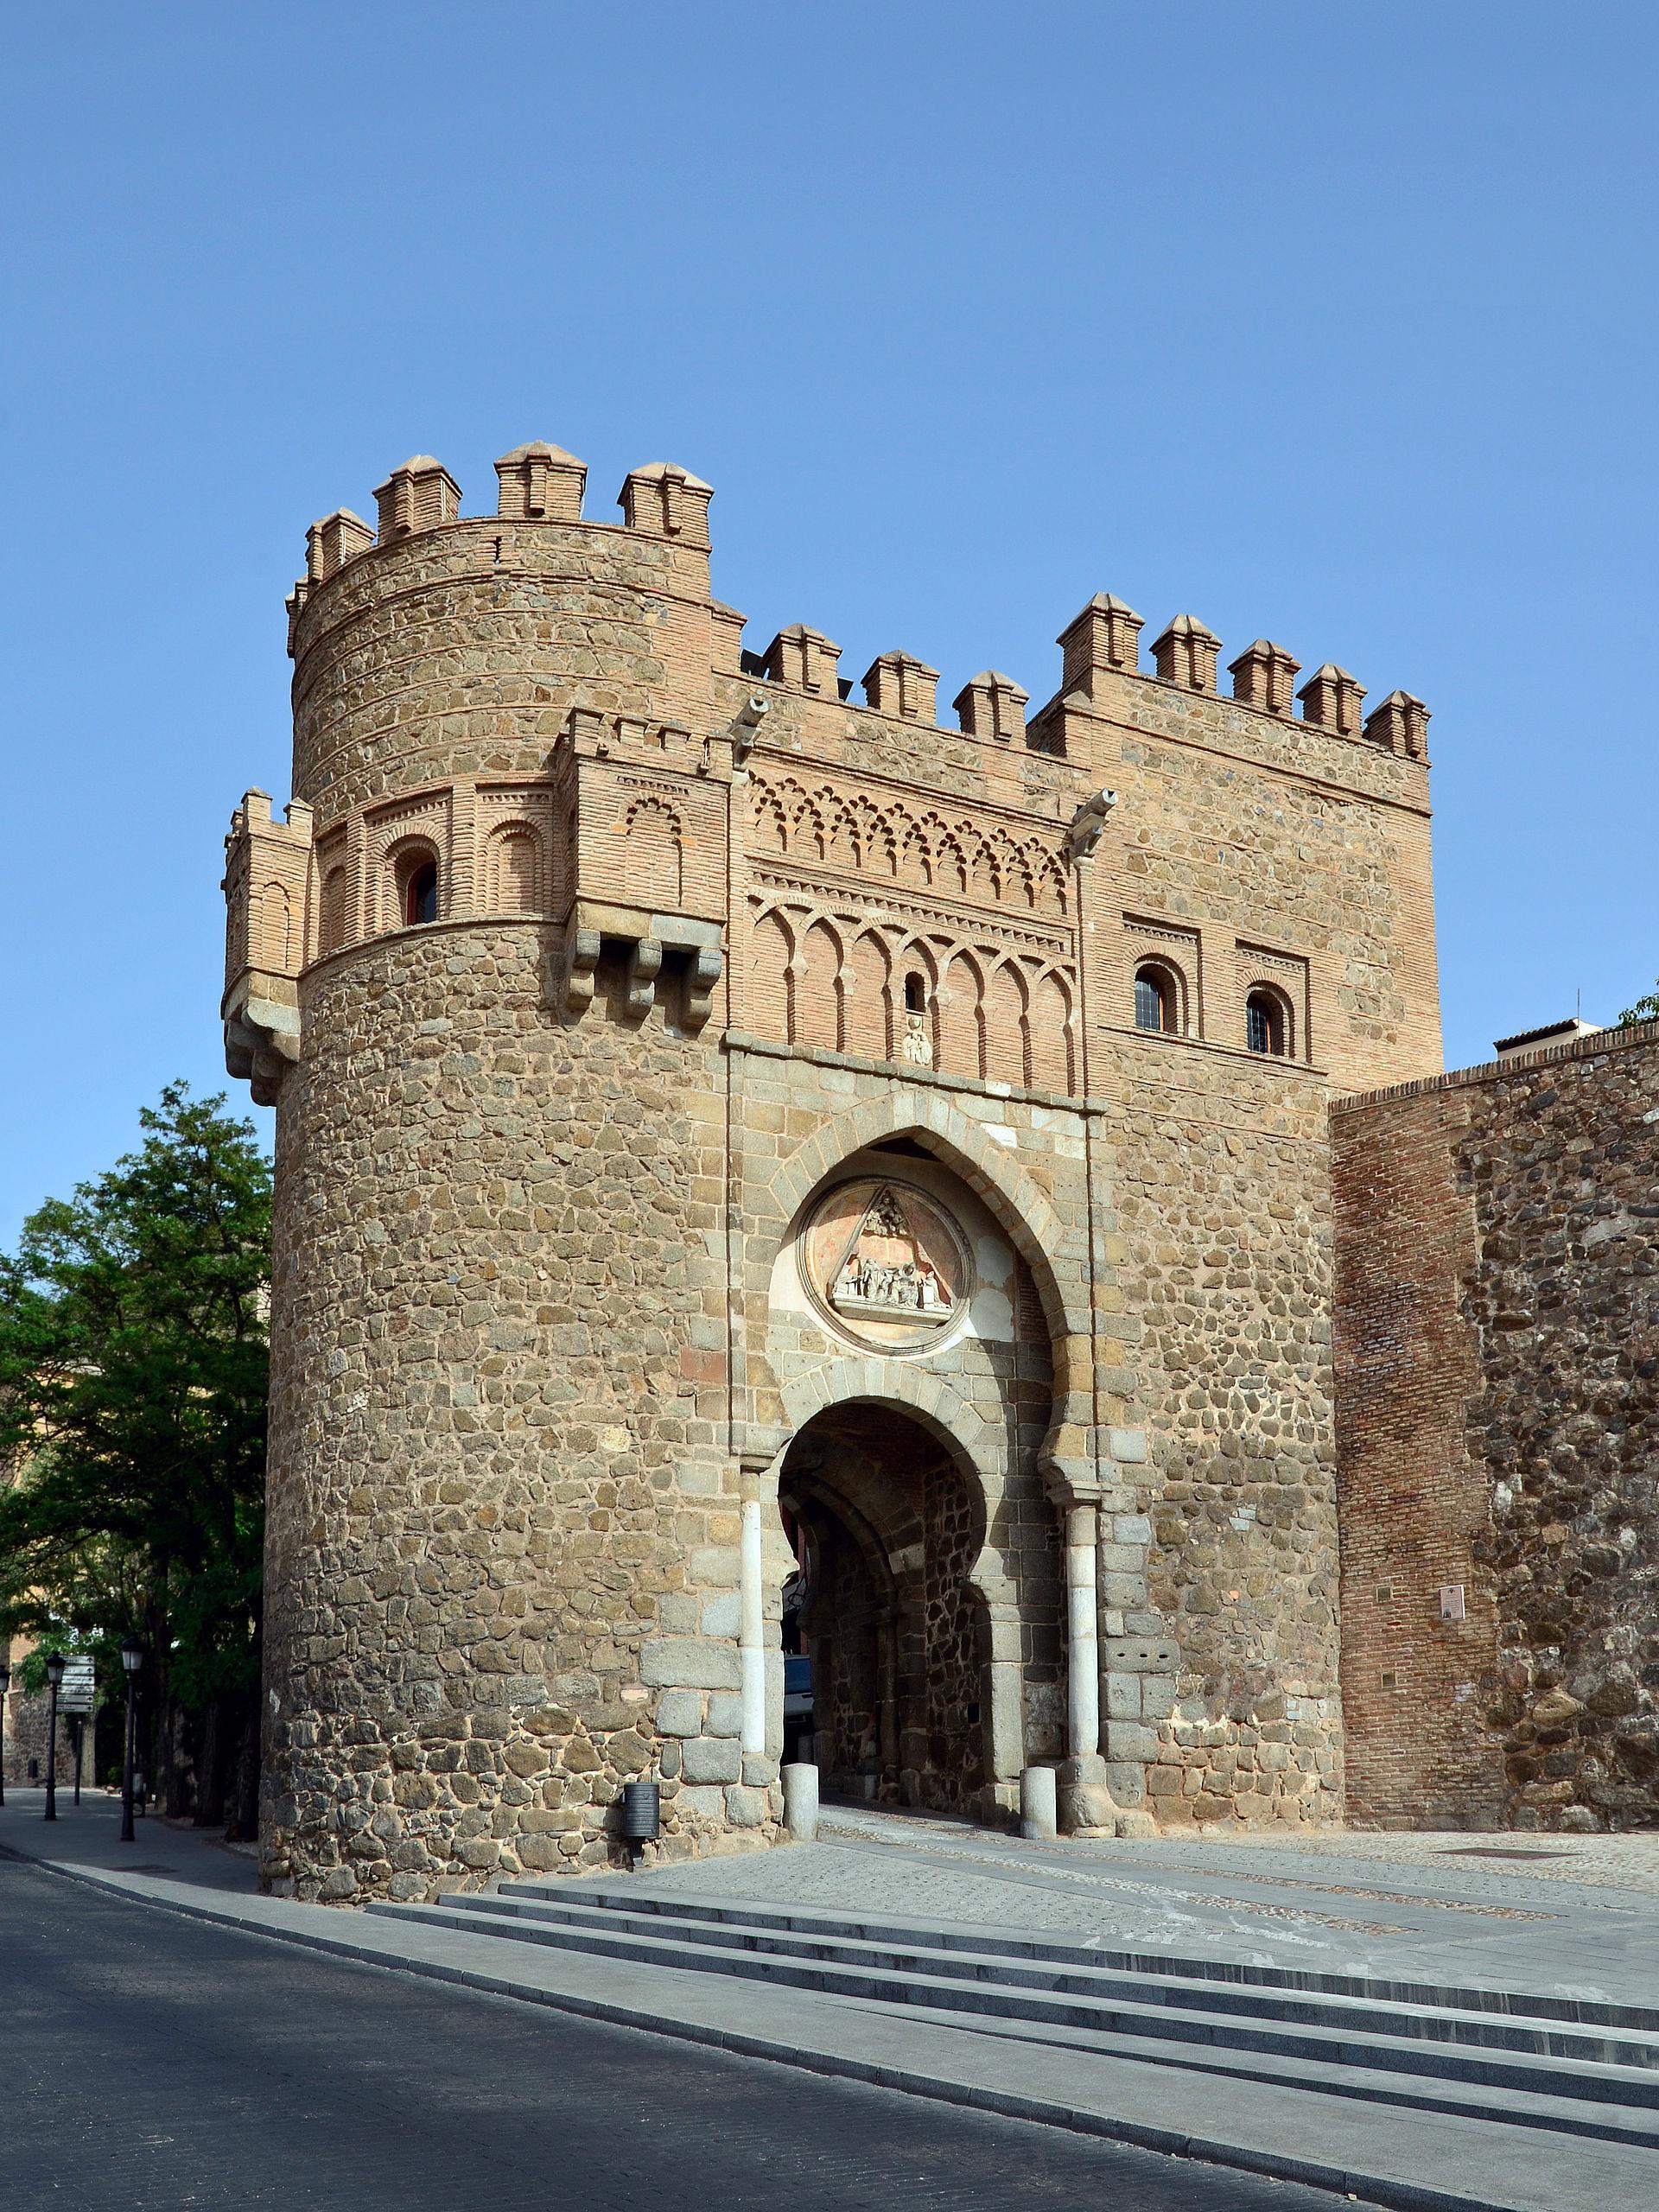 Puerta del sol toledo wikipedia den frie encyklop di Obras puerta del sol